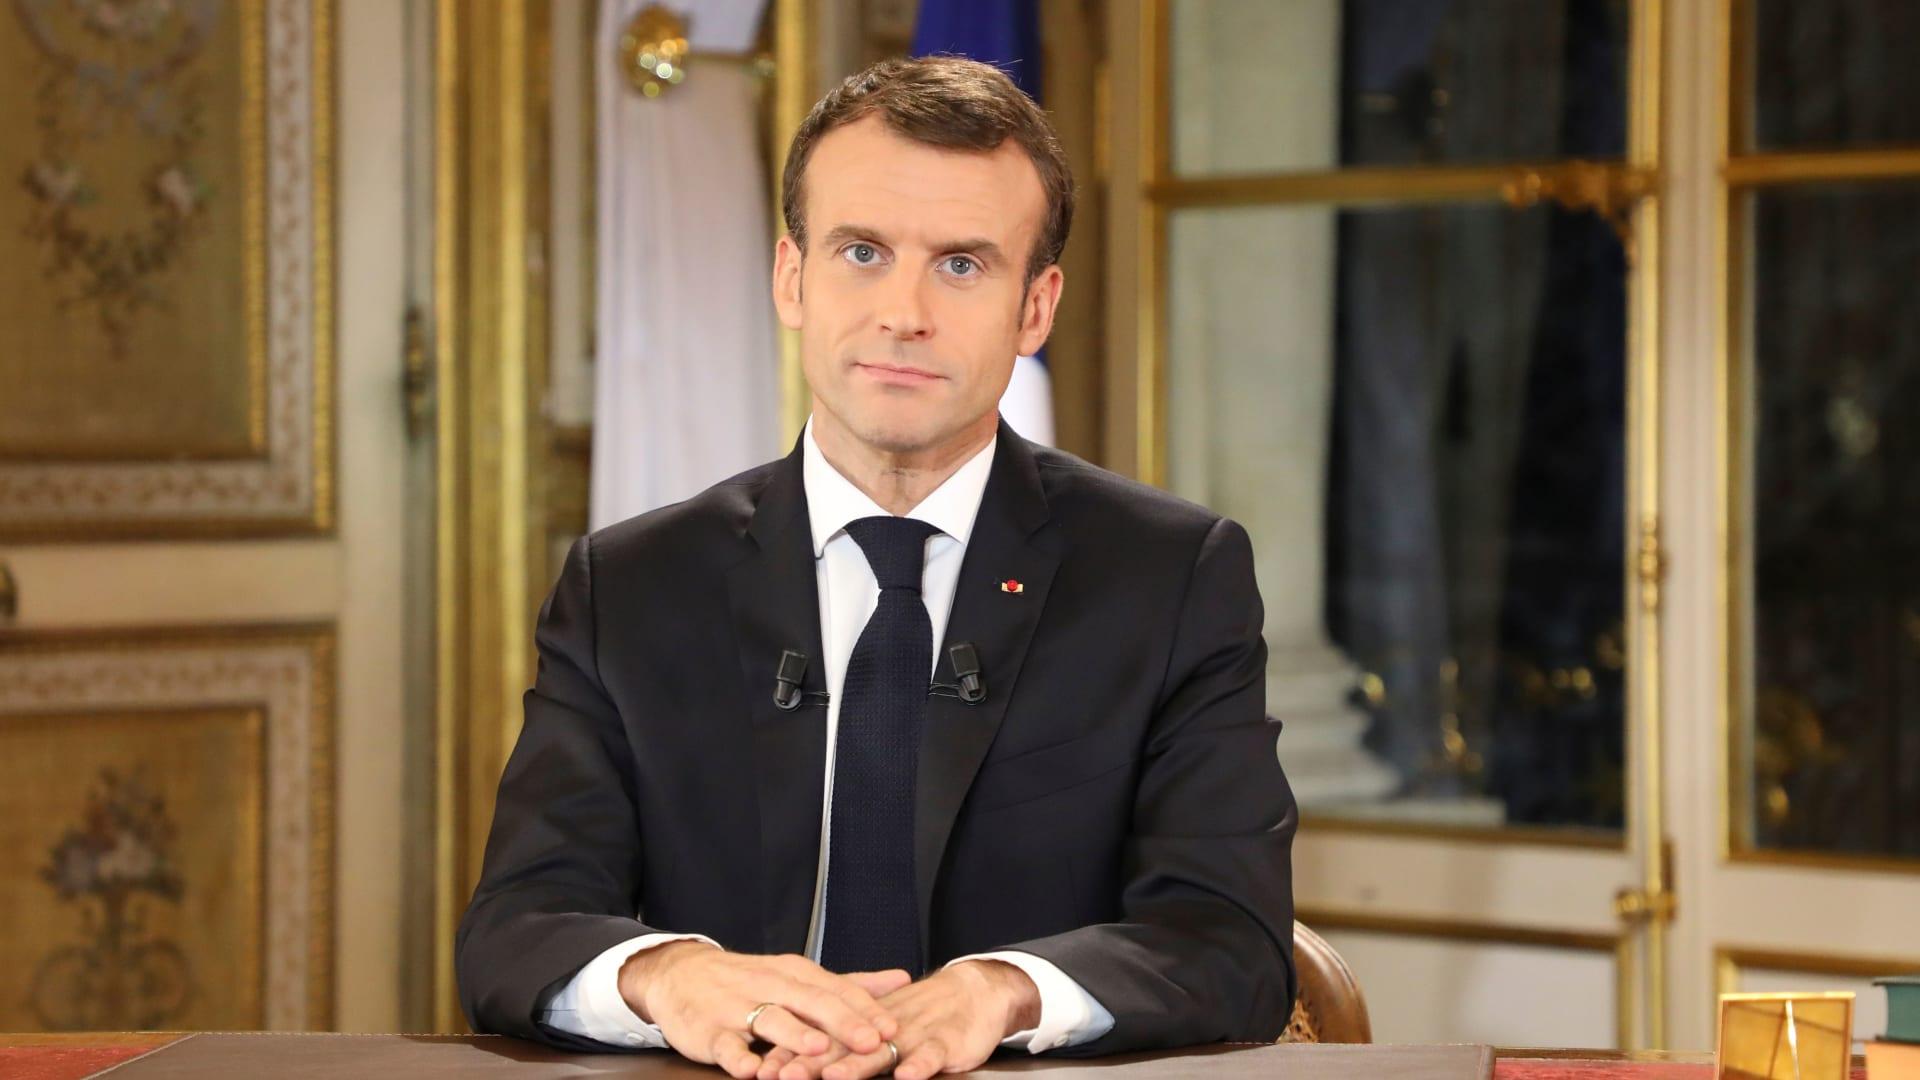 صورة أرشيفية للرئيس الفرنسي، إيمانويل ماكرون